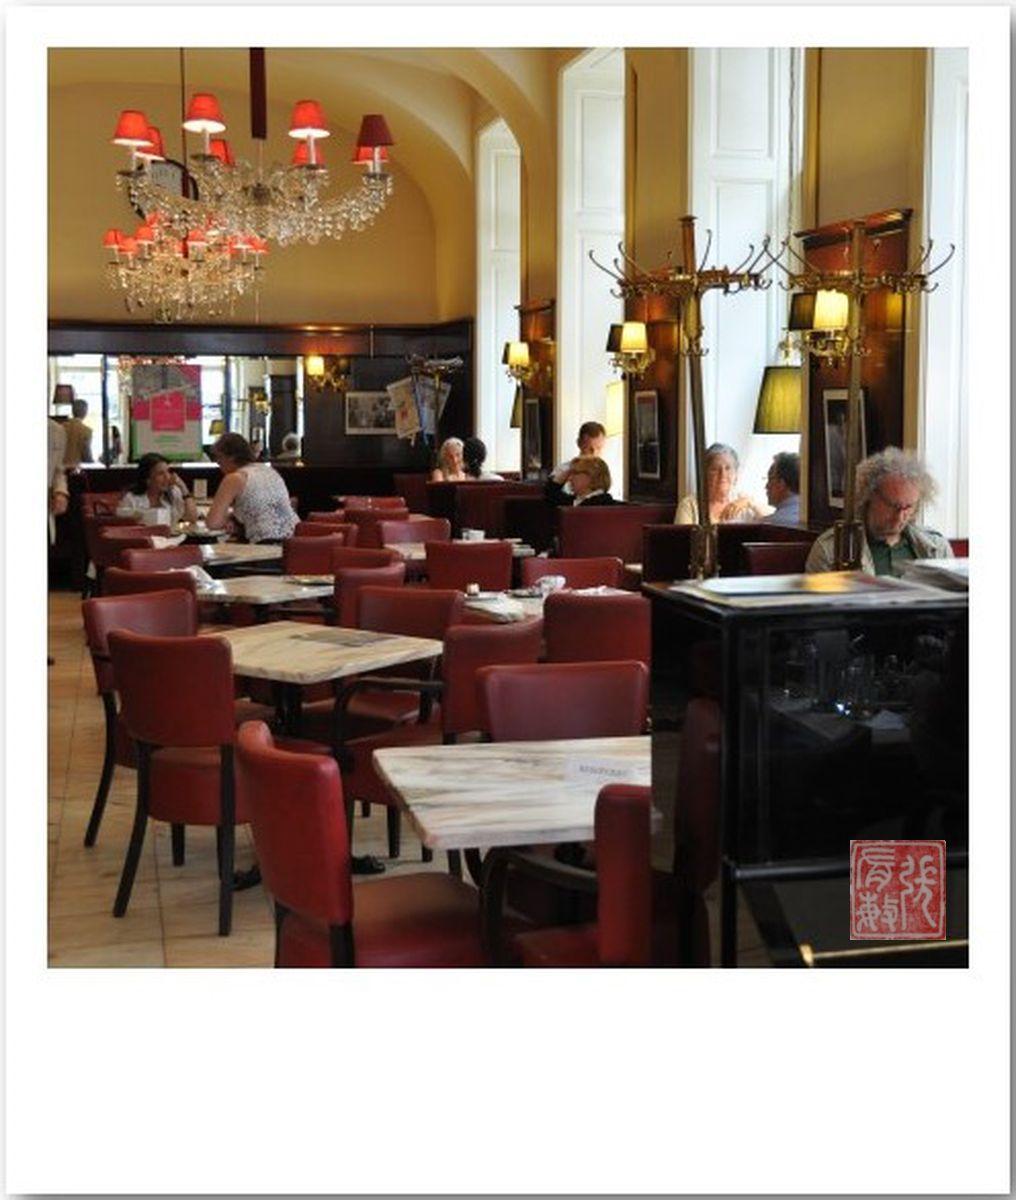 Cafe Diglas Wollzeile Speisekarte